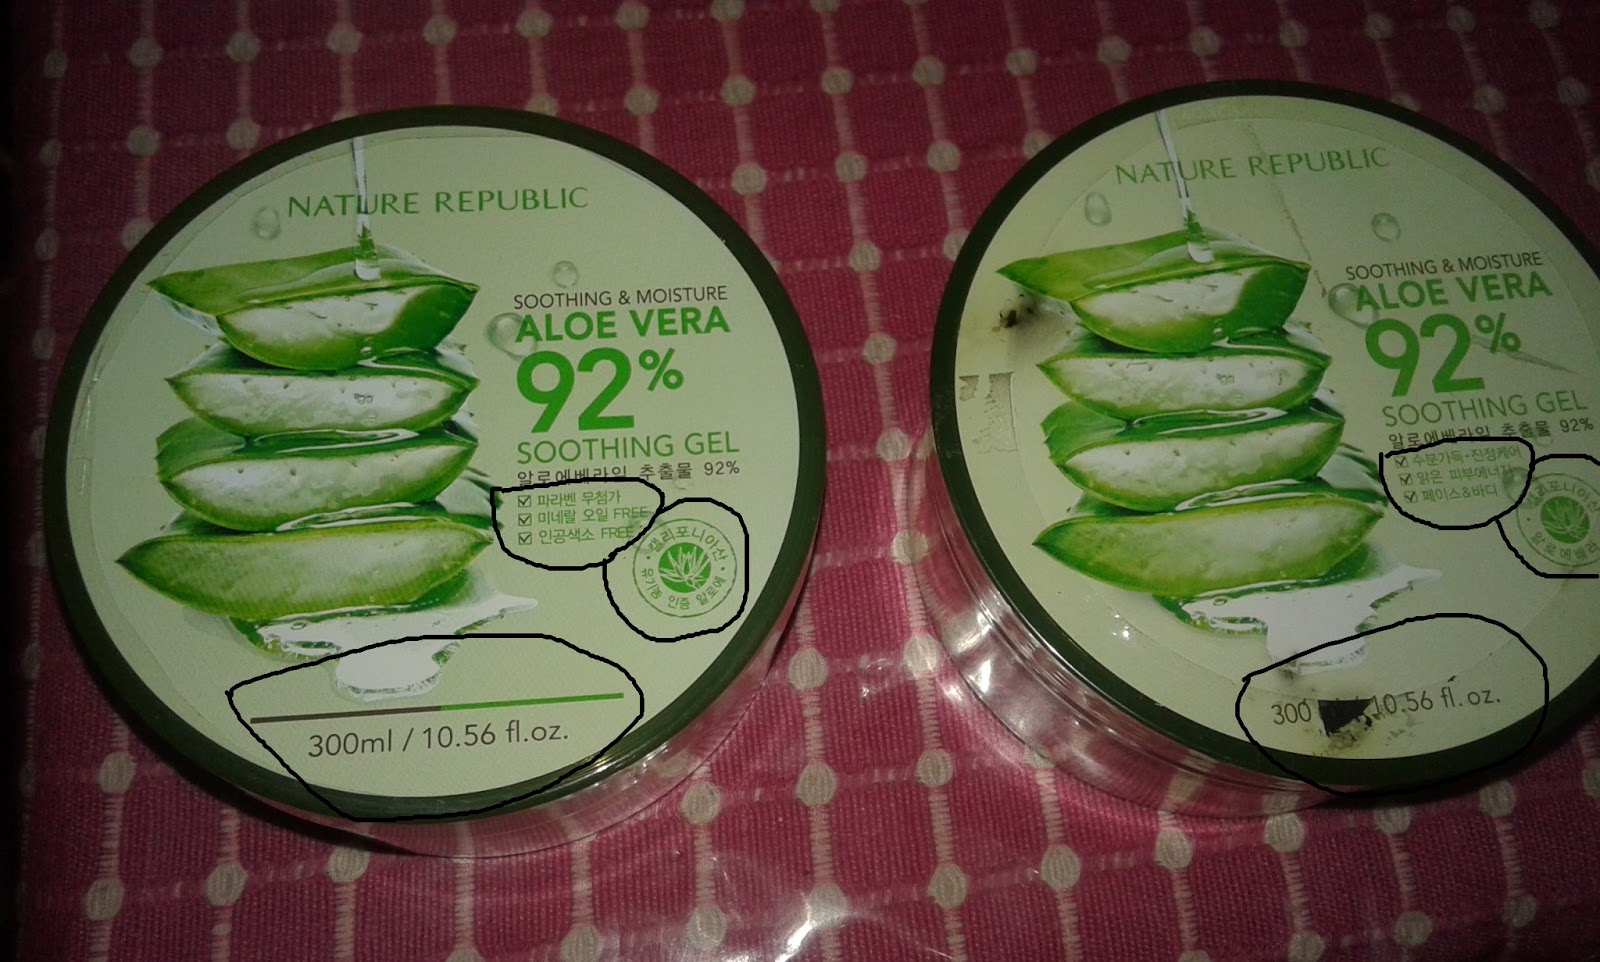 Nature Republic Aloe Vera Palsu Atau Kemasan Baru Ada Embos Soothing Gel 300 Ml Sebelah Kiri Aku Beli Di Web Online Shop Yang Mempunyai Pusat Korea Selatan Dan Kanan Terpercaya Daerah Jakarta